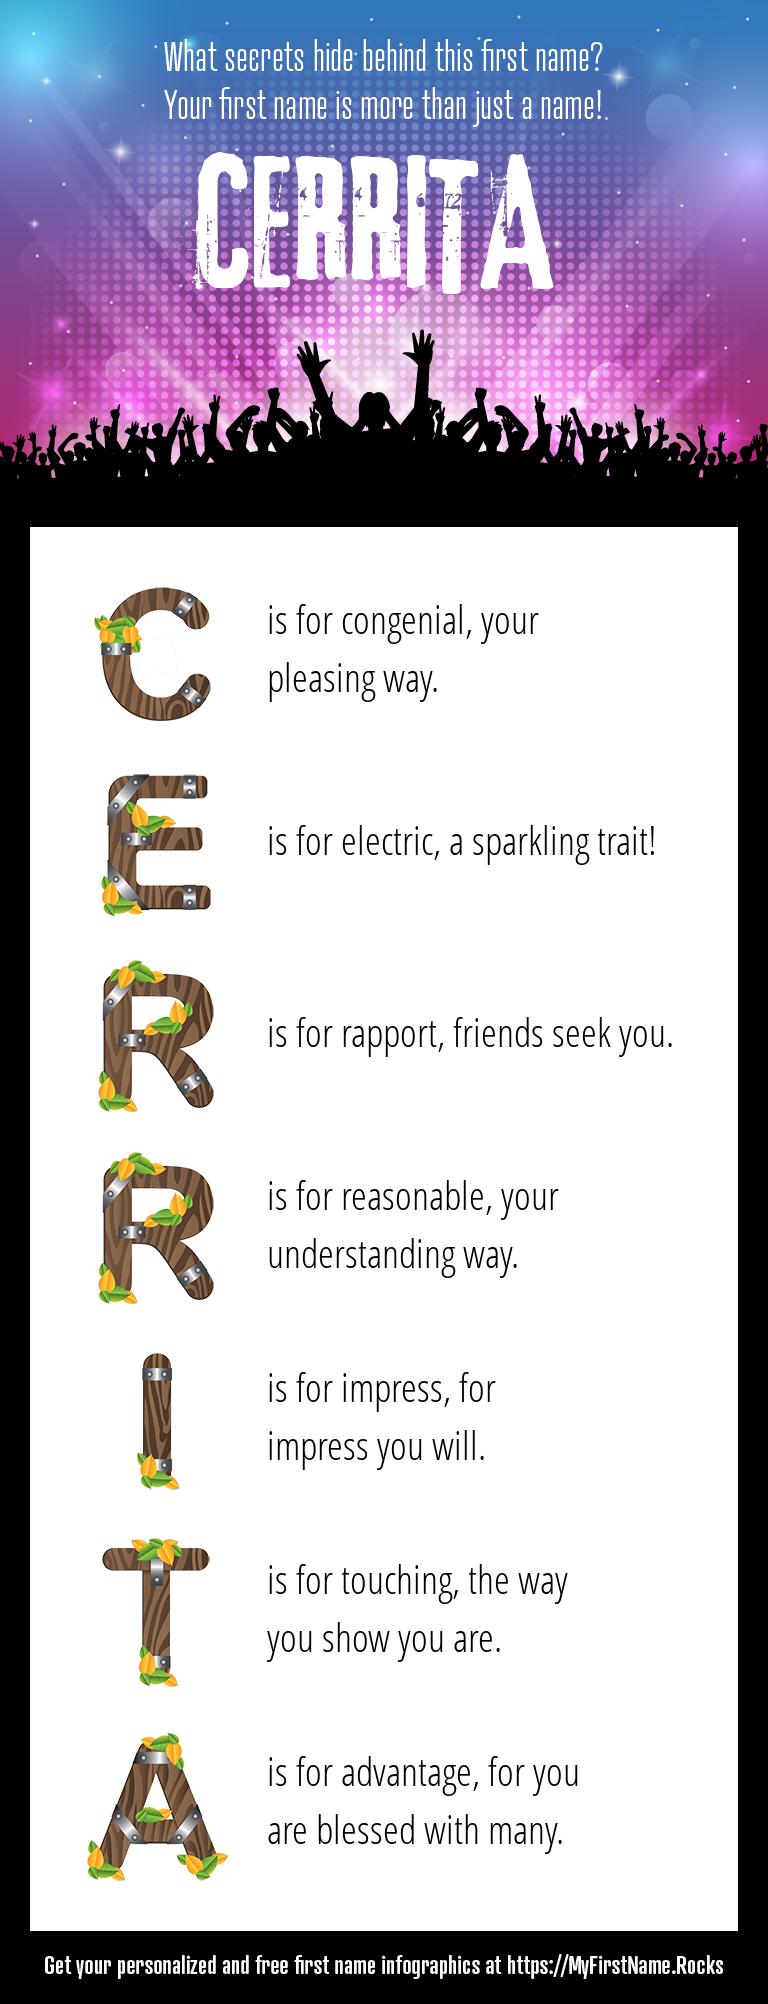 Cerrita Infographics